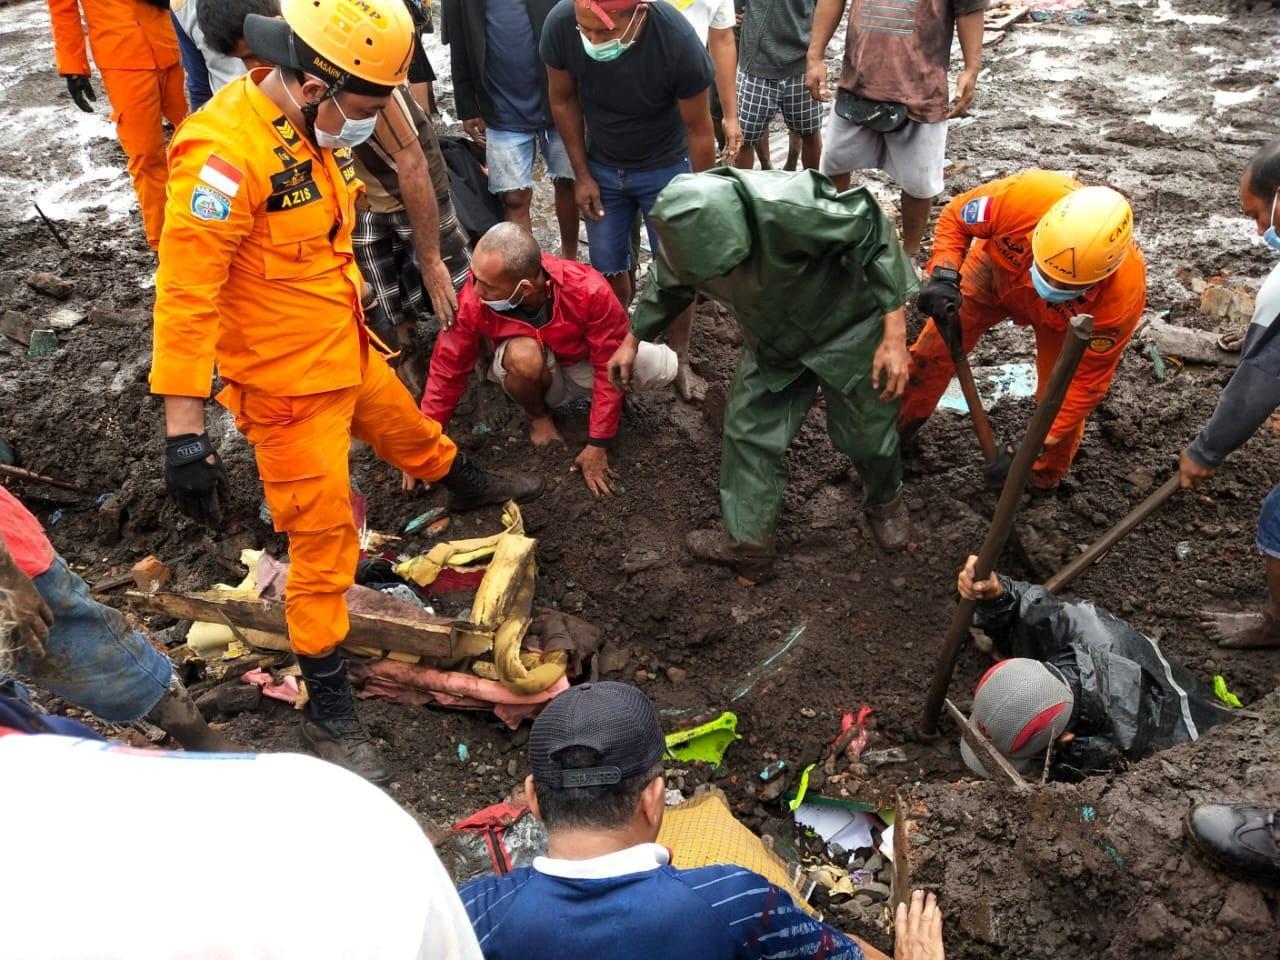 ทีมกู้ภัยอินโดนีเซีย ช่วยกันค้นหาผู้ประสบภัยที่เมืองฟลอเรสตะวันออก จังหวัดนูซาเตงการาตะวันออก หลังประสบภัยพิบัติดินโคลนถล่ม จากอิทธิพลพายุฝนตกหนัก